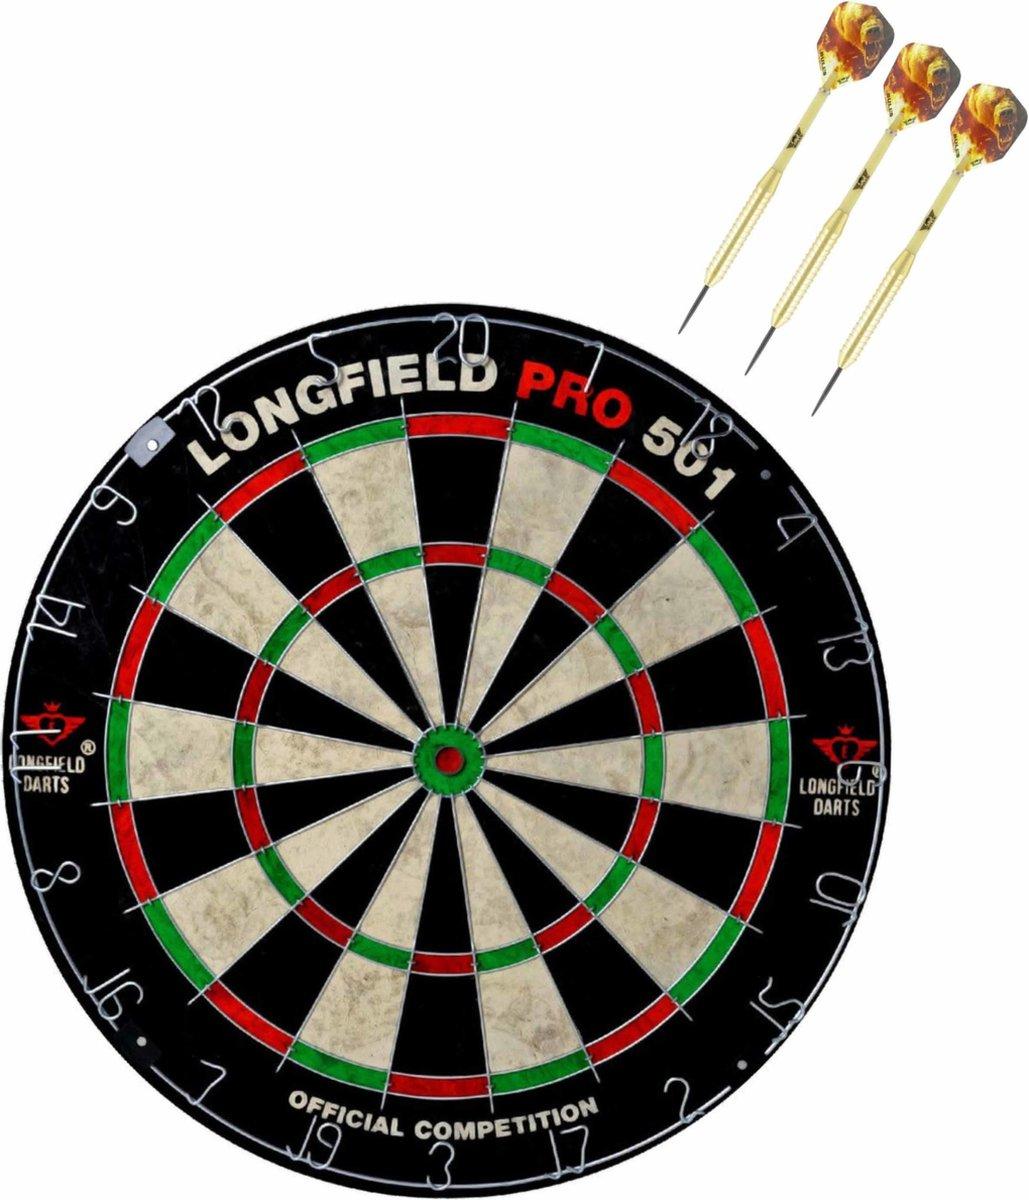 Dartbord set compleet van diameter 45.5 cm met 3x Bulls dartpijlen van 23 gram - Professioneel darten pakket